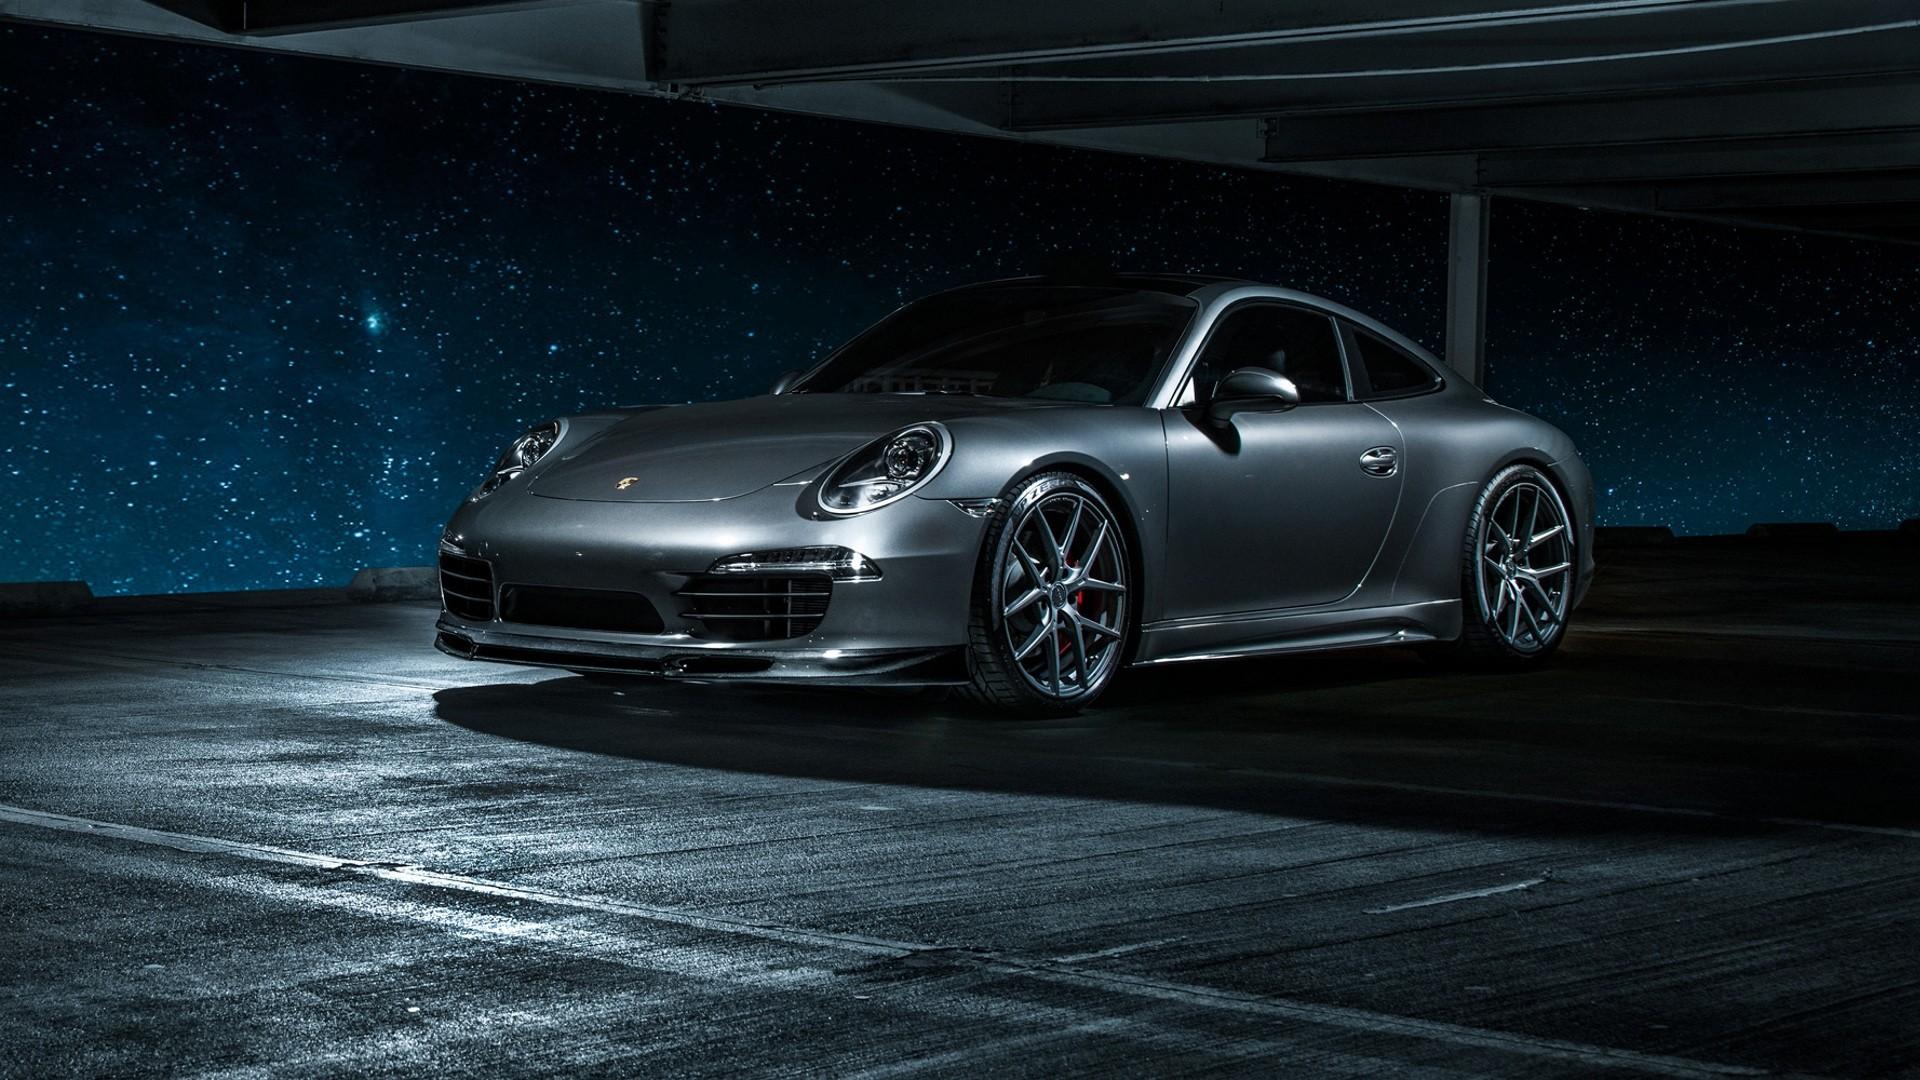 Porsche Macan Wallpaper Iphone 2015 Porsche 911 Carrera 4s Wallpaper Hd Car Wallpapers